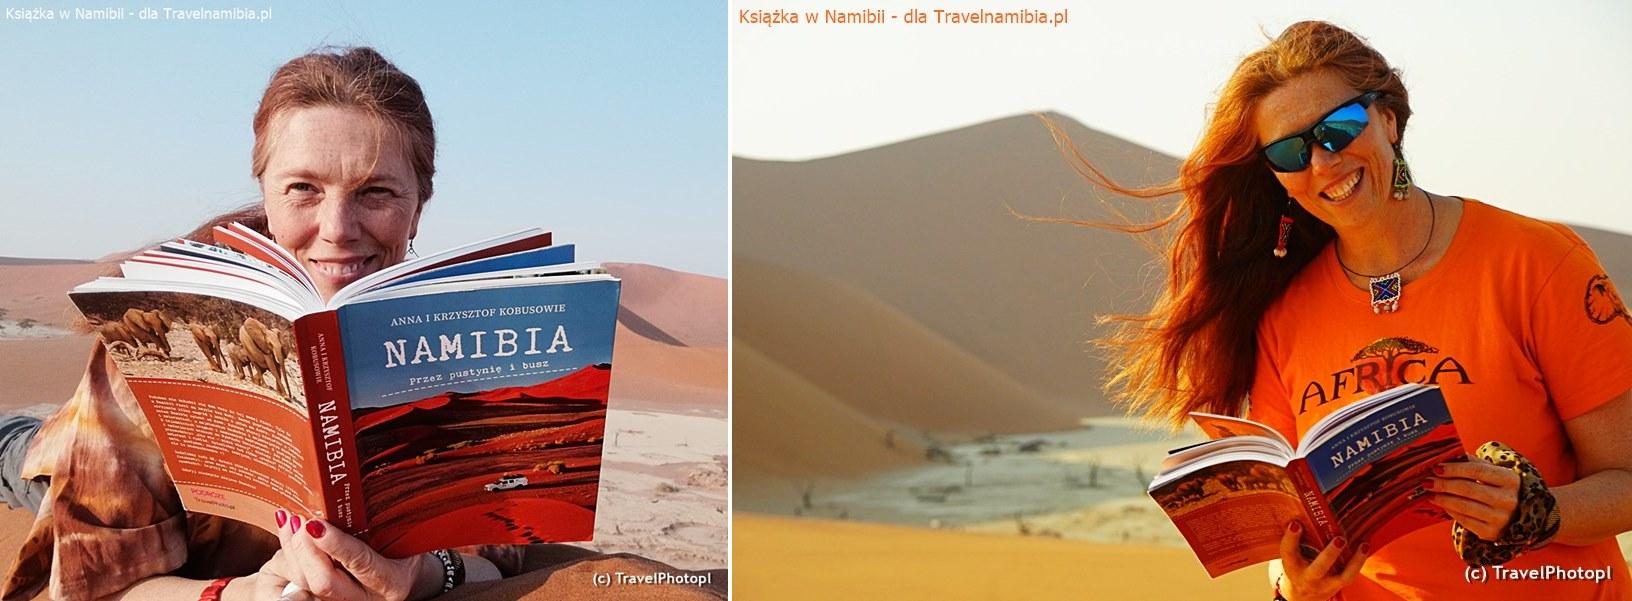 Doskonała lektura na wydmach Pustyni Namib!